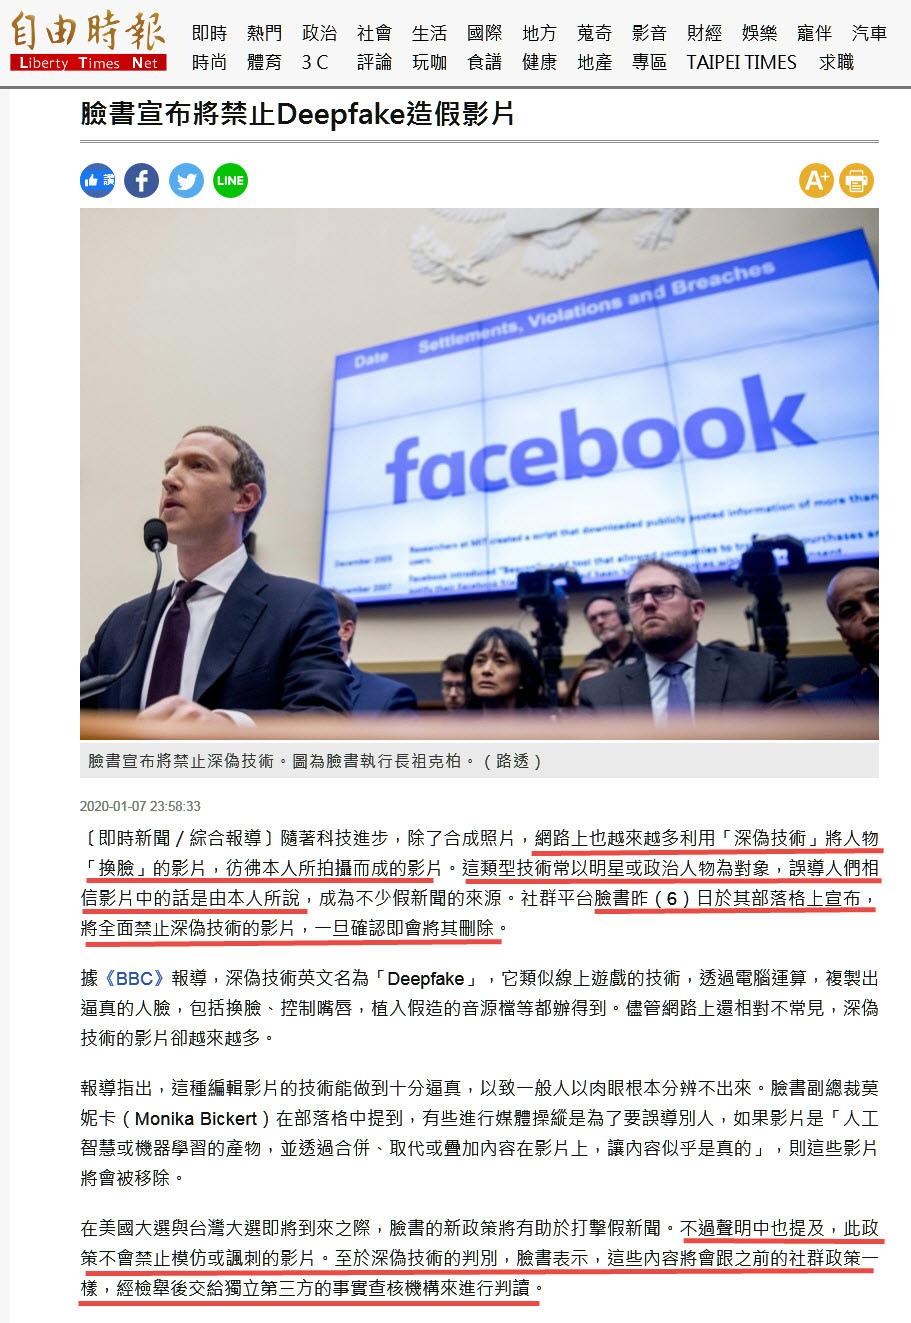 臉書宣布將禁止Deepfake造假影片-2020.01.07.jpg